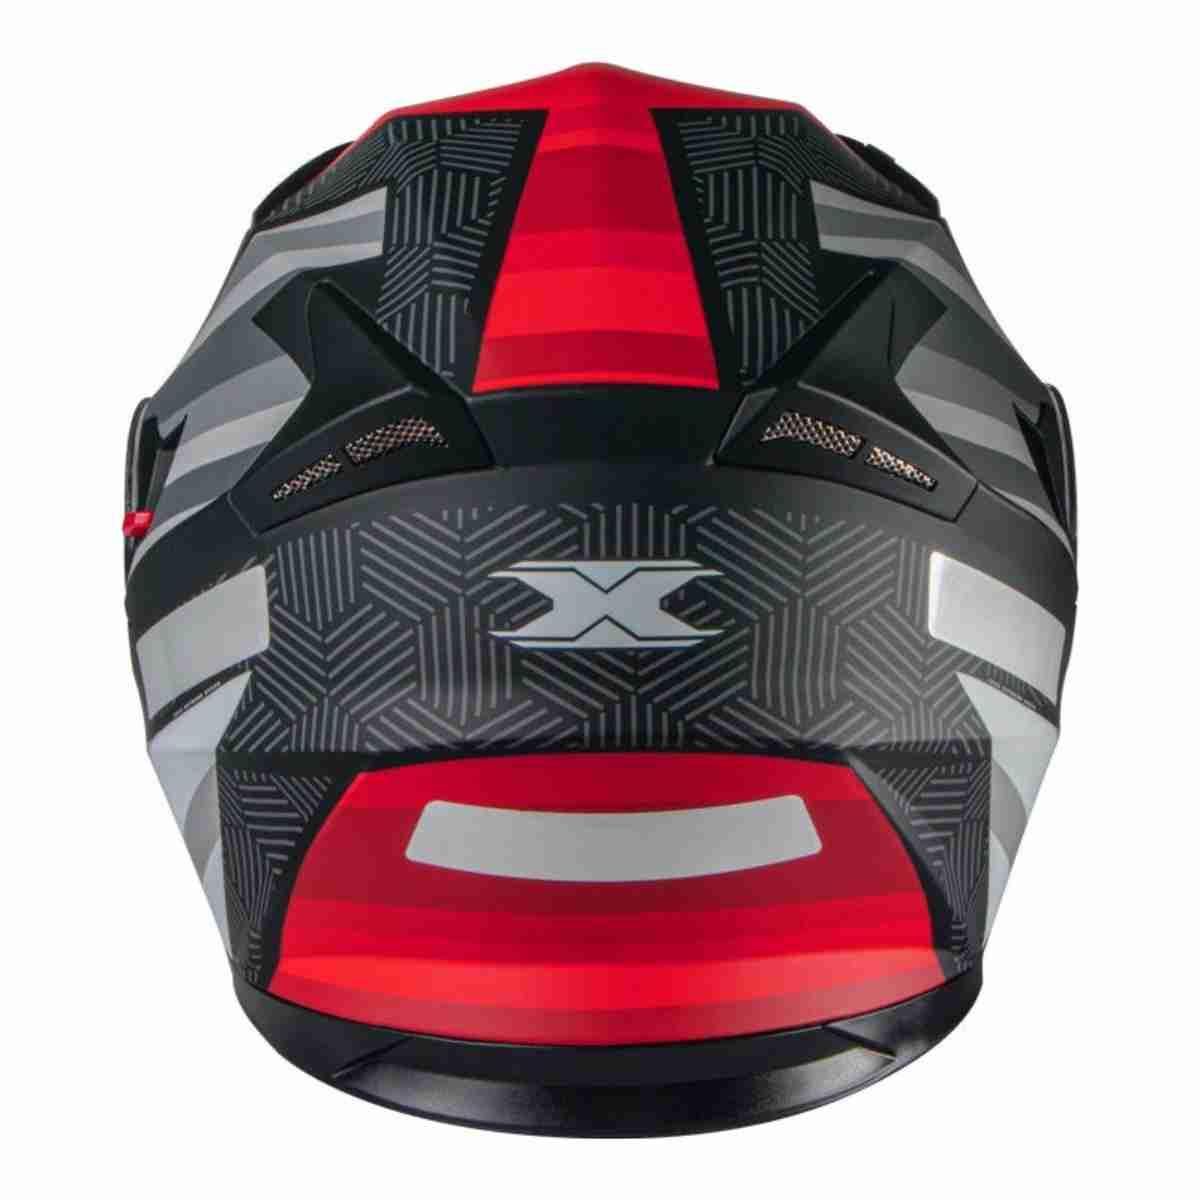 CAPACETE DE MOTO MASCULINO MOTOCICLISTA MOTOQUEIRO TEXX G2 TRENTO COM ÓCULOS SOLAR DESIGN ITALIANO